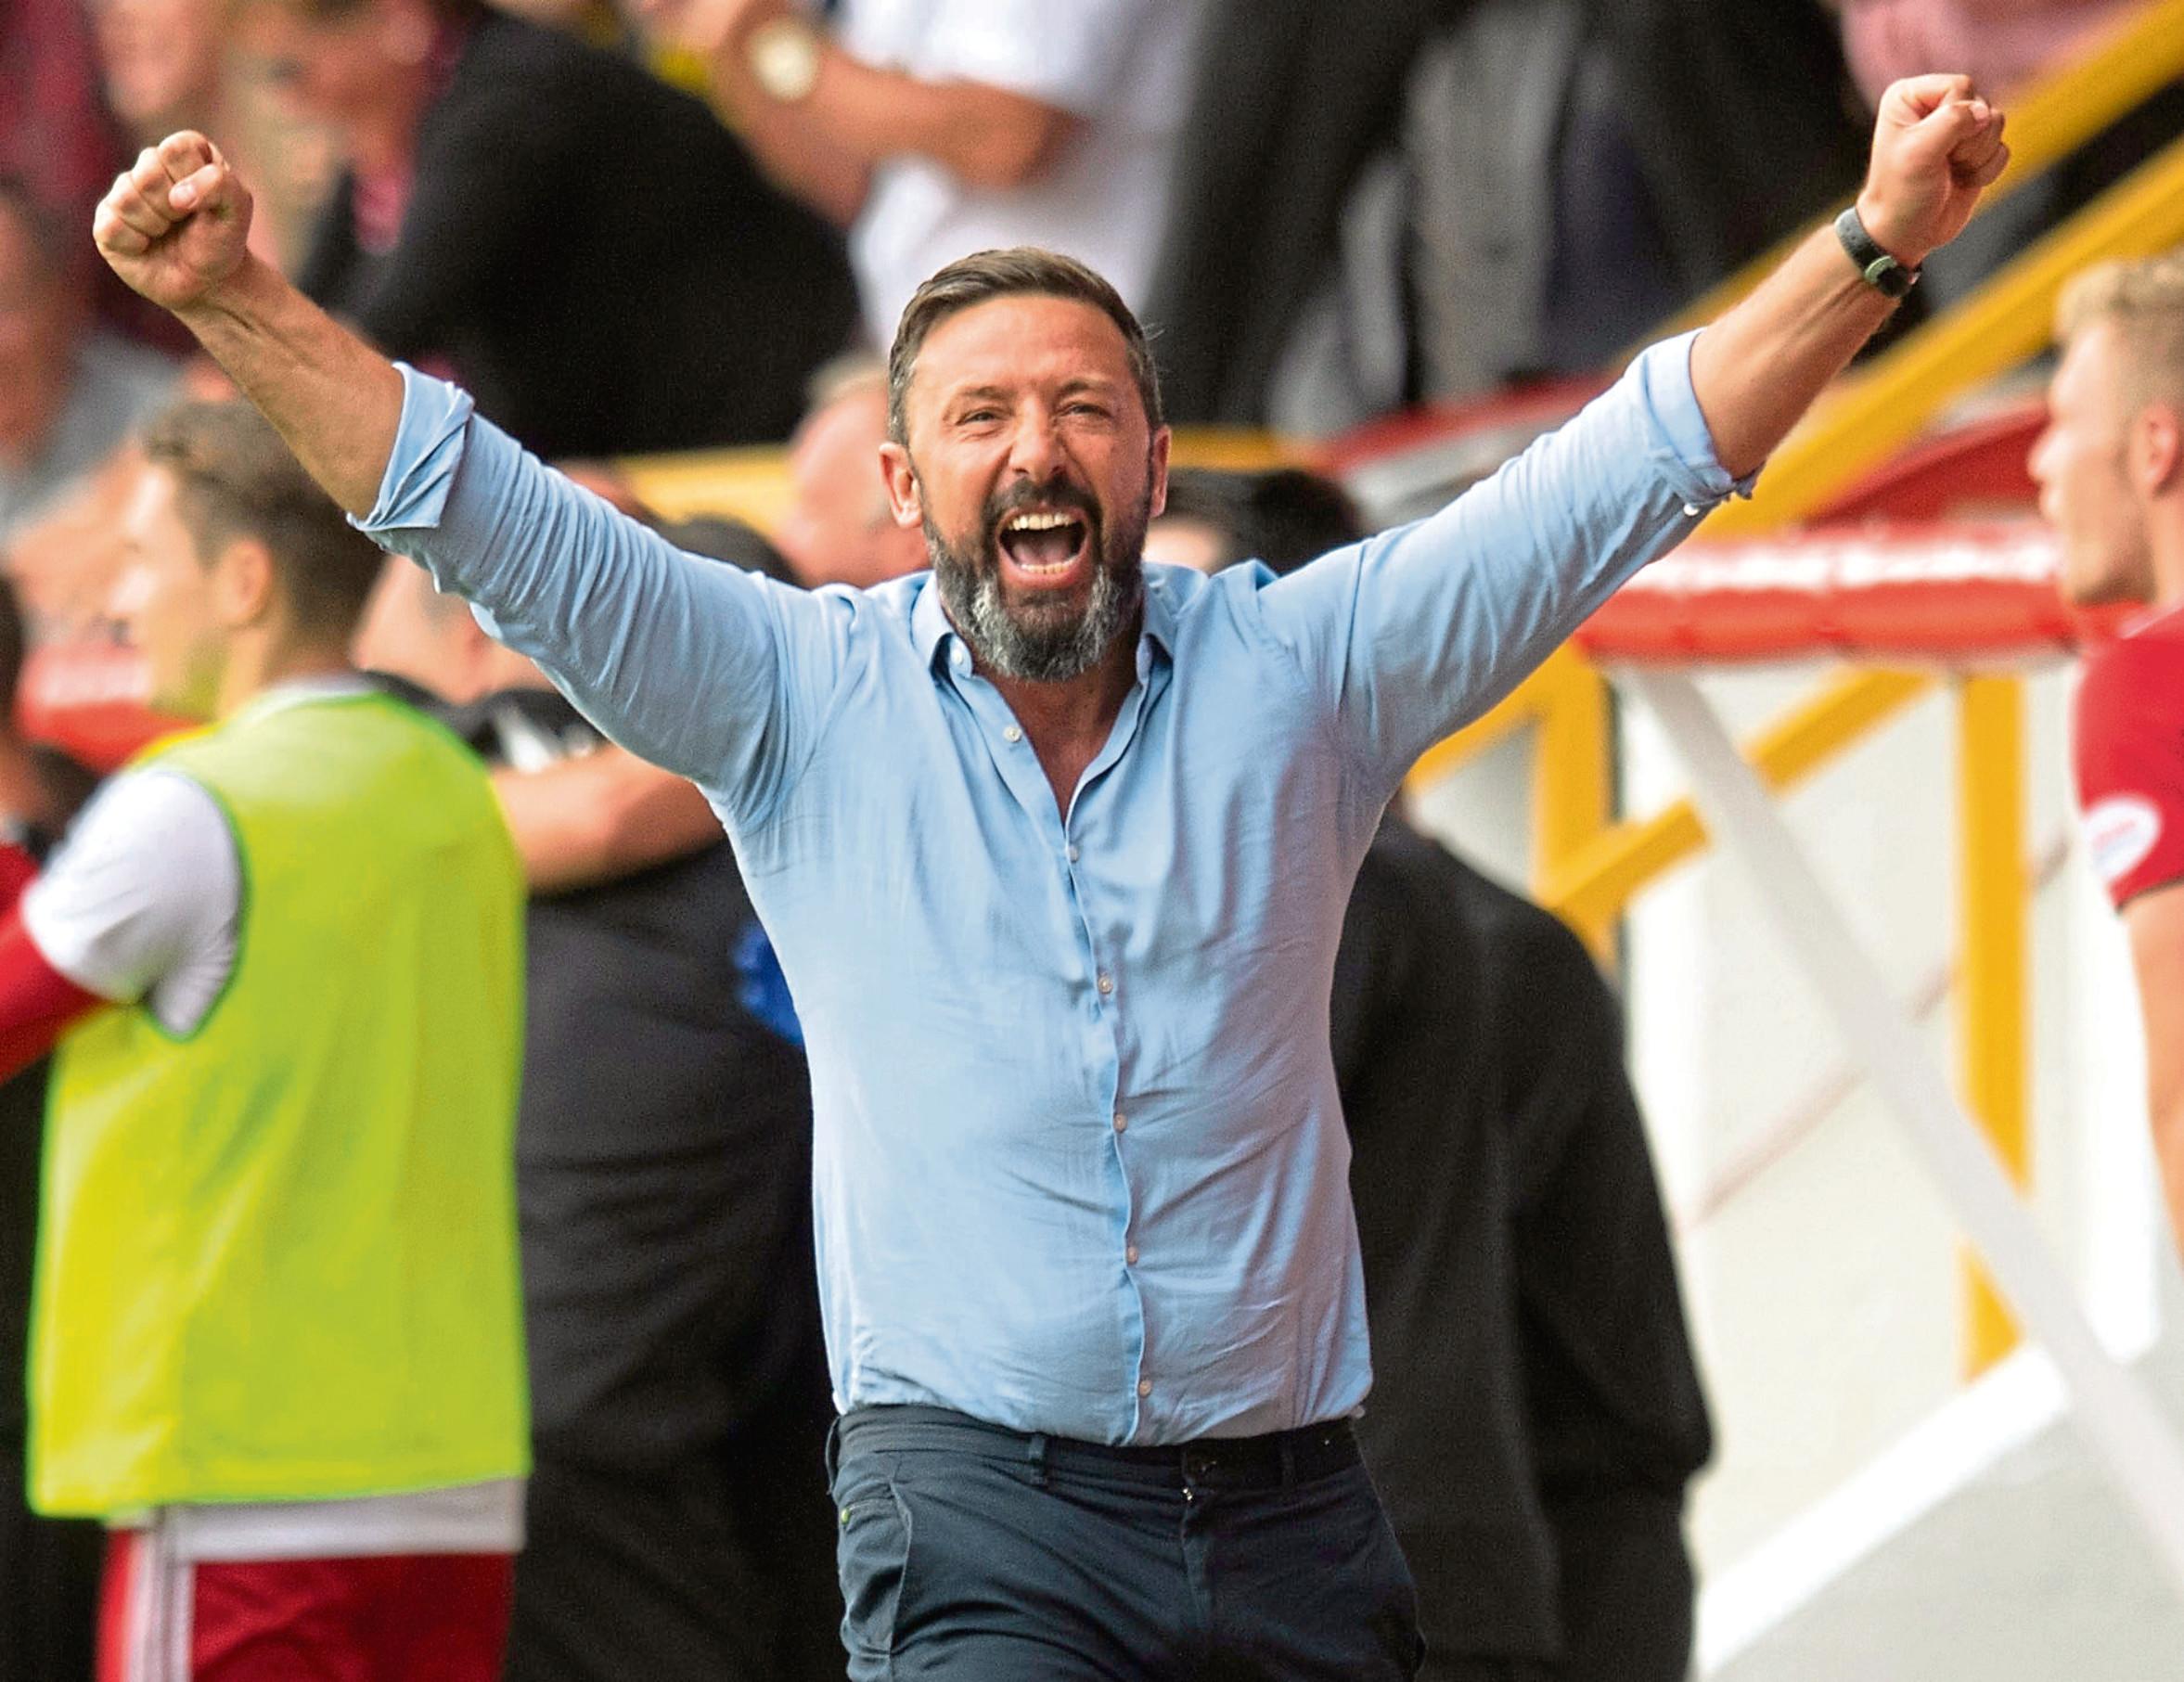 Aberdeen Manager Derek McInnes celebrates Bruce Anderson's equaliser against Rangers.